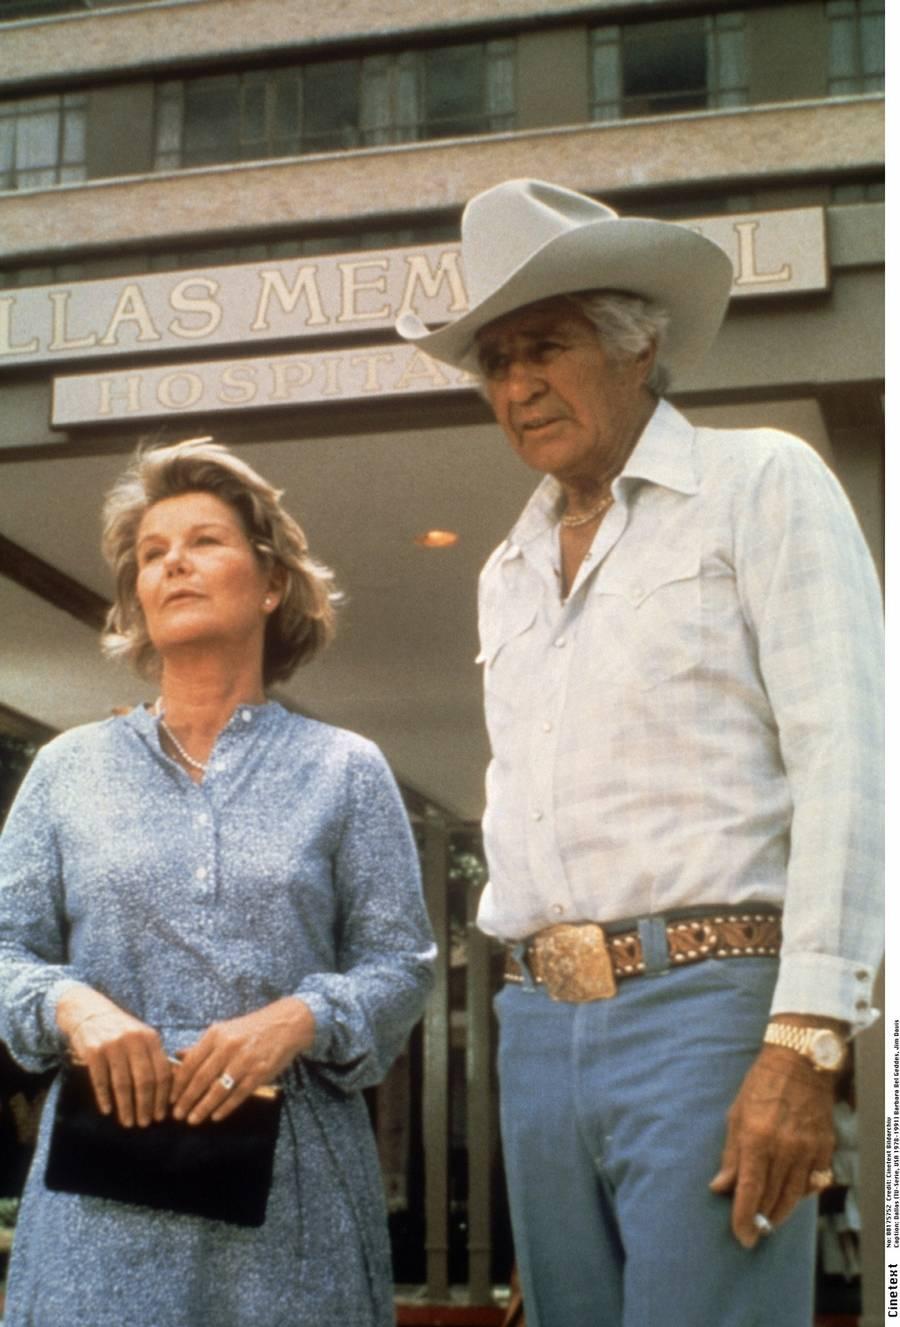 Jim Davis, Ewing-klanens overhoved Jock, var før sin medvirken primært kendt fra en lang række westernfilm. Han blev alvorligt syg i fjerde sæson og døde i 1981 af en art knoglekræft. Seriens forfattere var derfor nødt til at skrive ham ud og valgte at lade ham omkomme ved en mystisk flyulykke. Hans tv-hustru Miss Ellie, alias Barbara Bel Geddes måttei 1984 forlade 'Dallas' et års tid efter et hjerteanfald. Hun vendte tilbage, men gik på pension i 1990. Den tidligere storryger døde som 82-årig i 2005 af lungekræft. (Foto: Cinetext Bildarchiv)